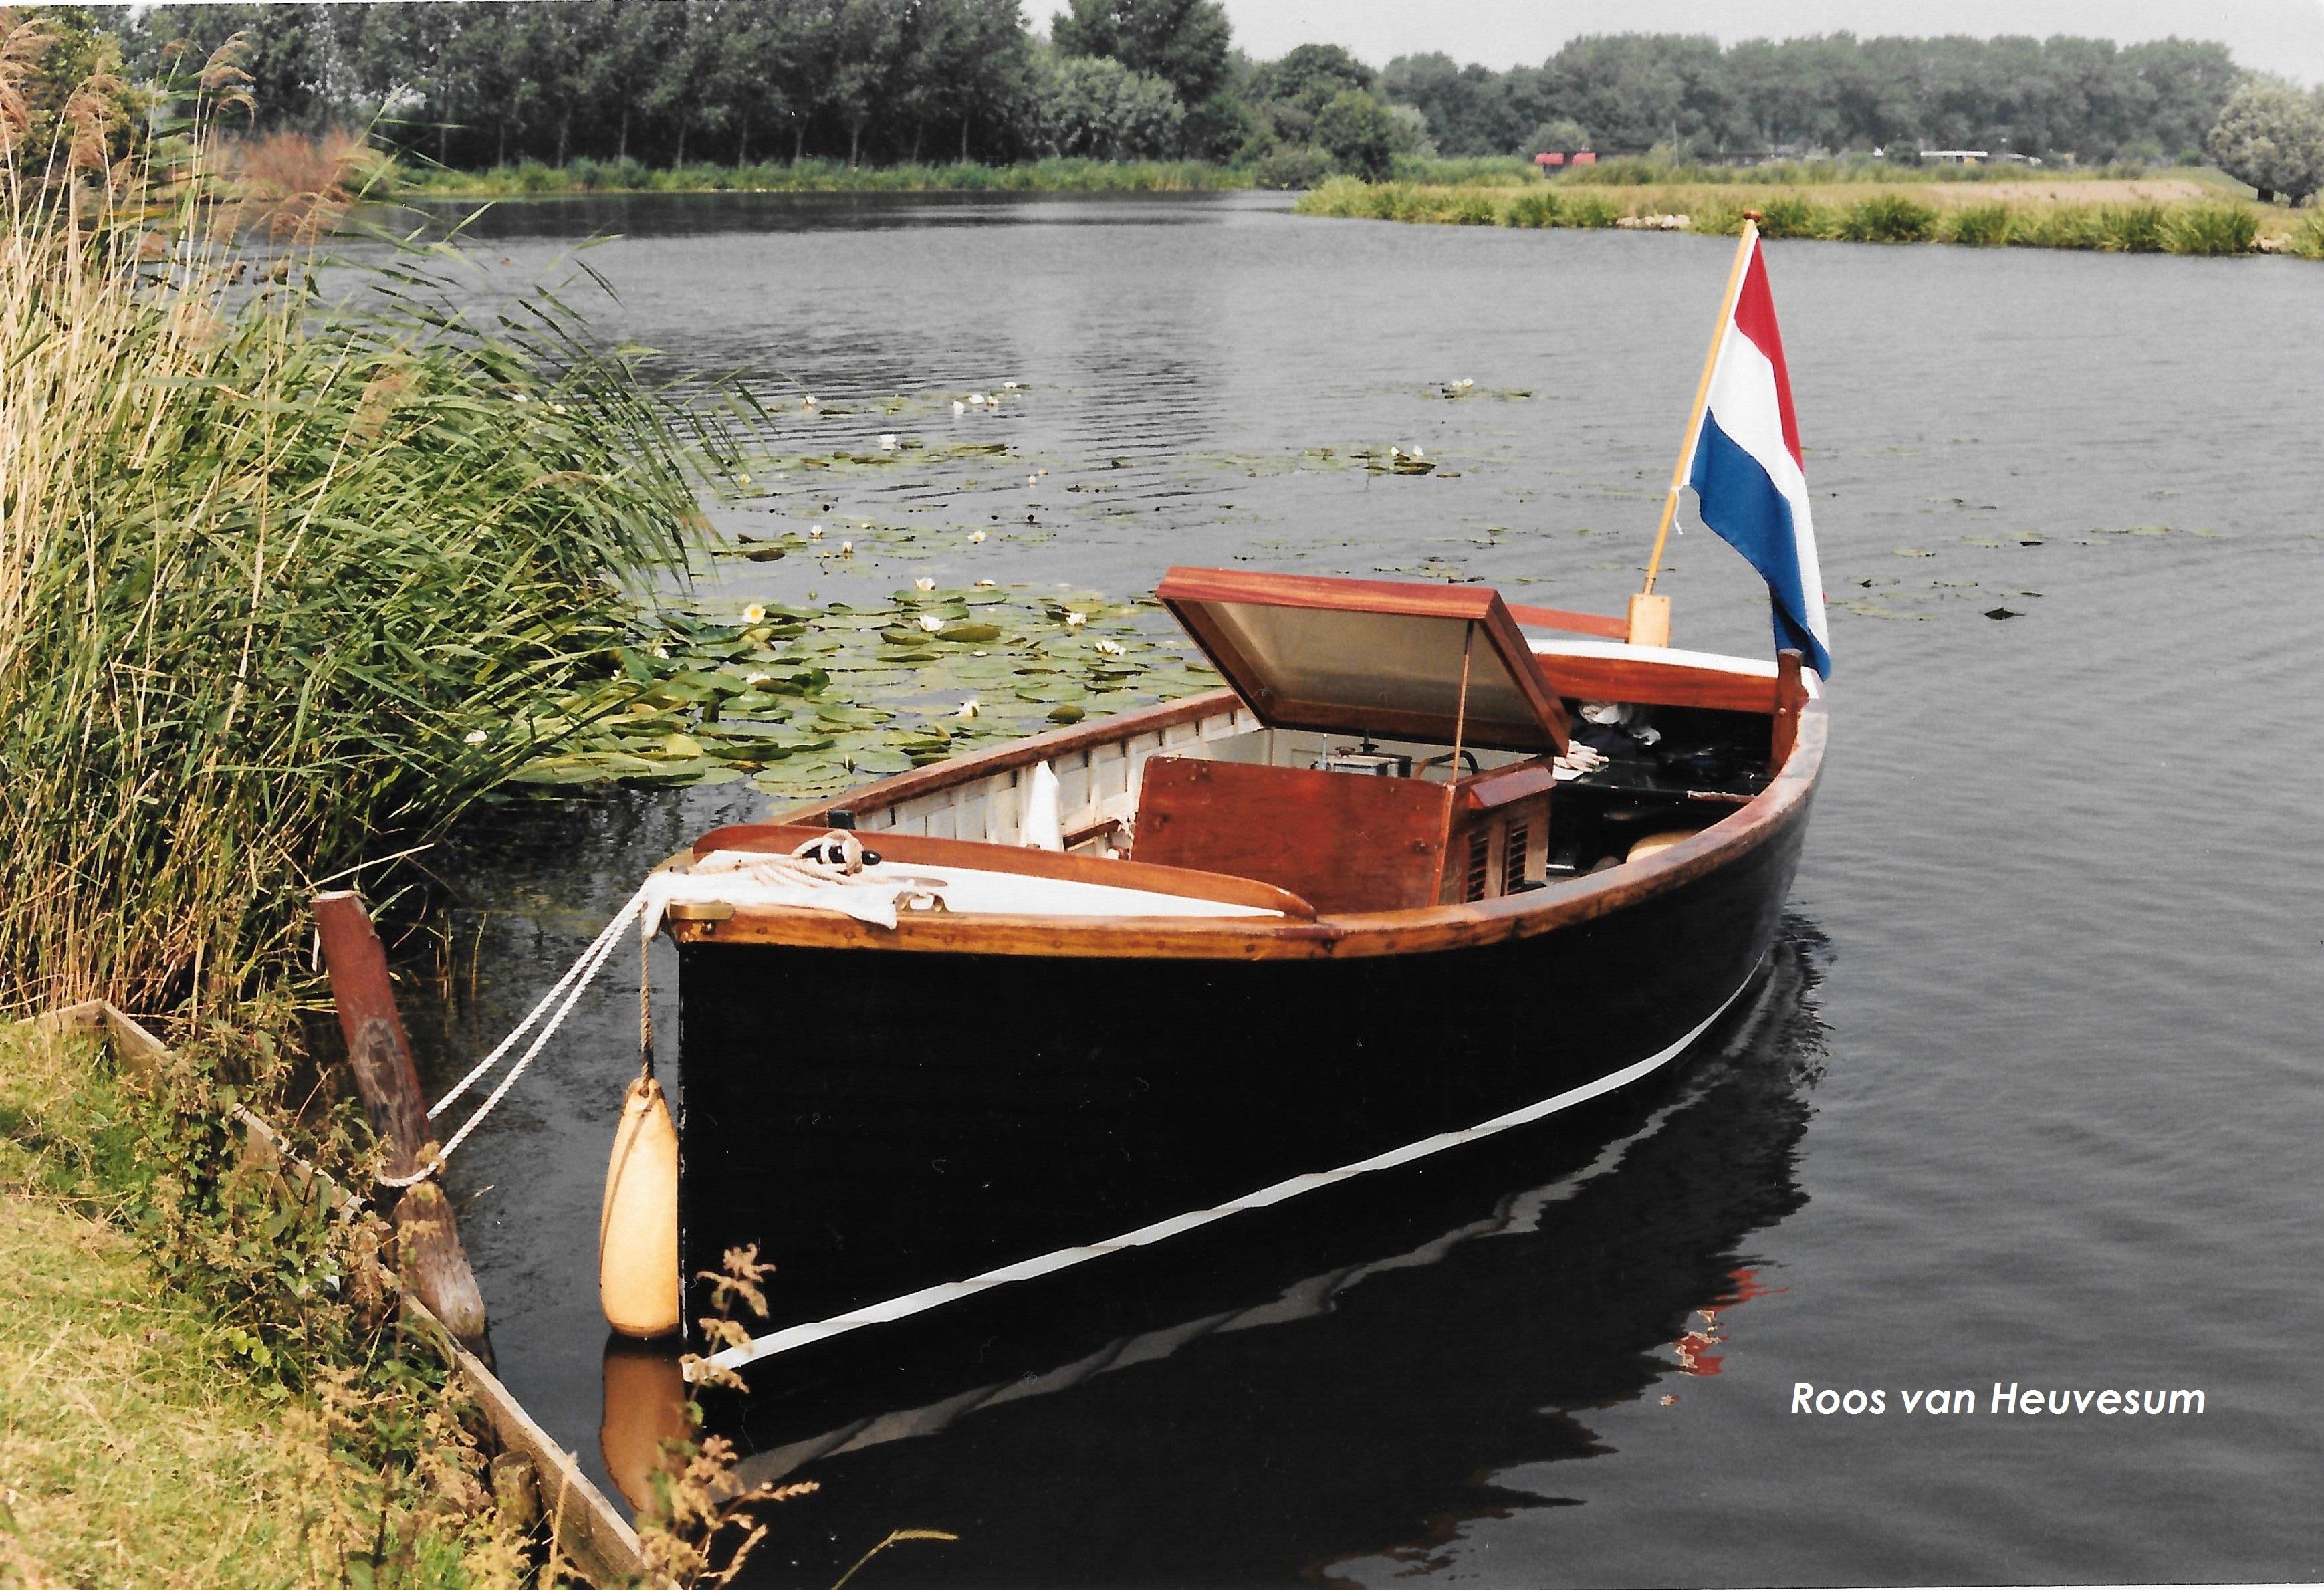 Roos van Heuvesum bew 1